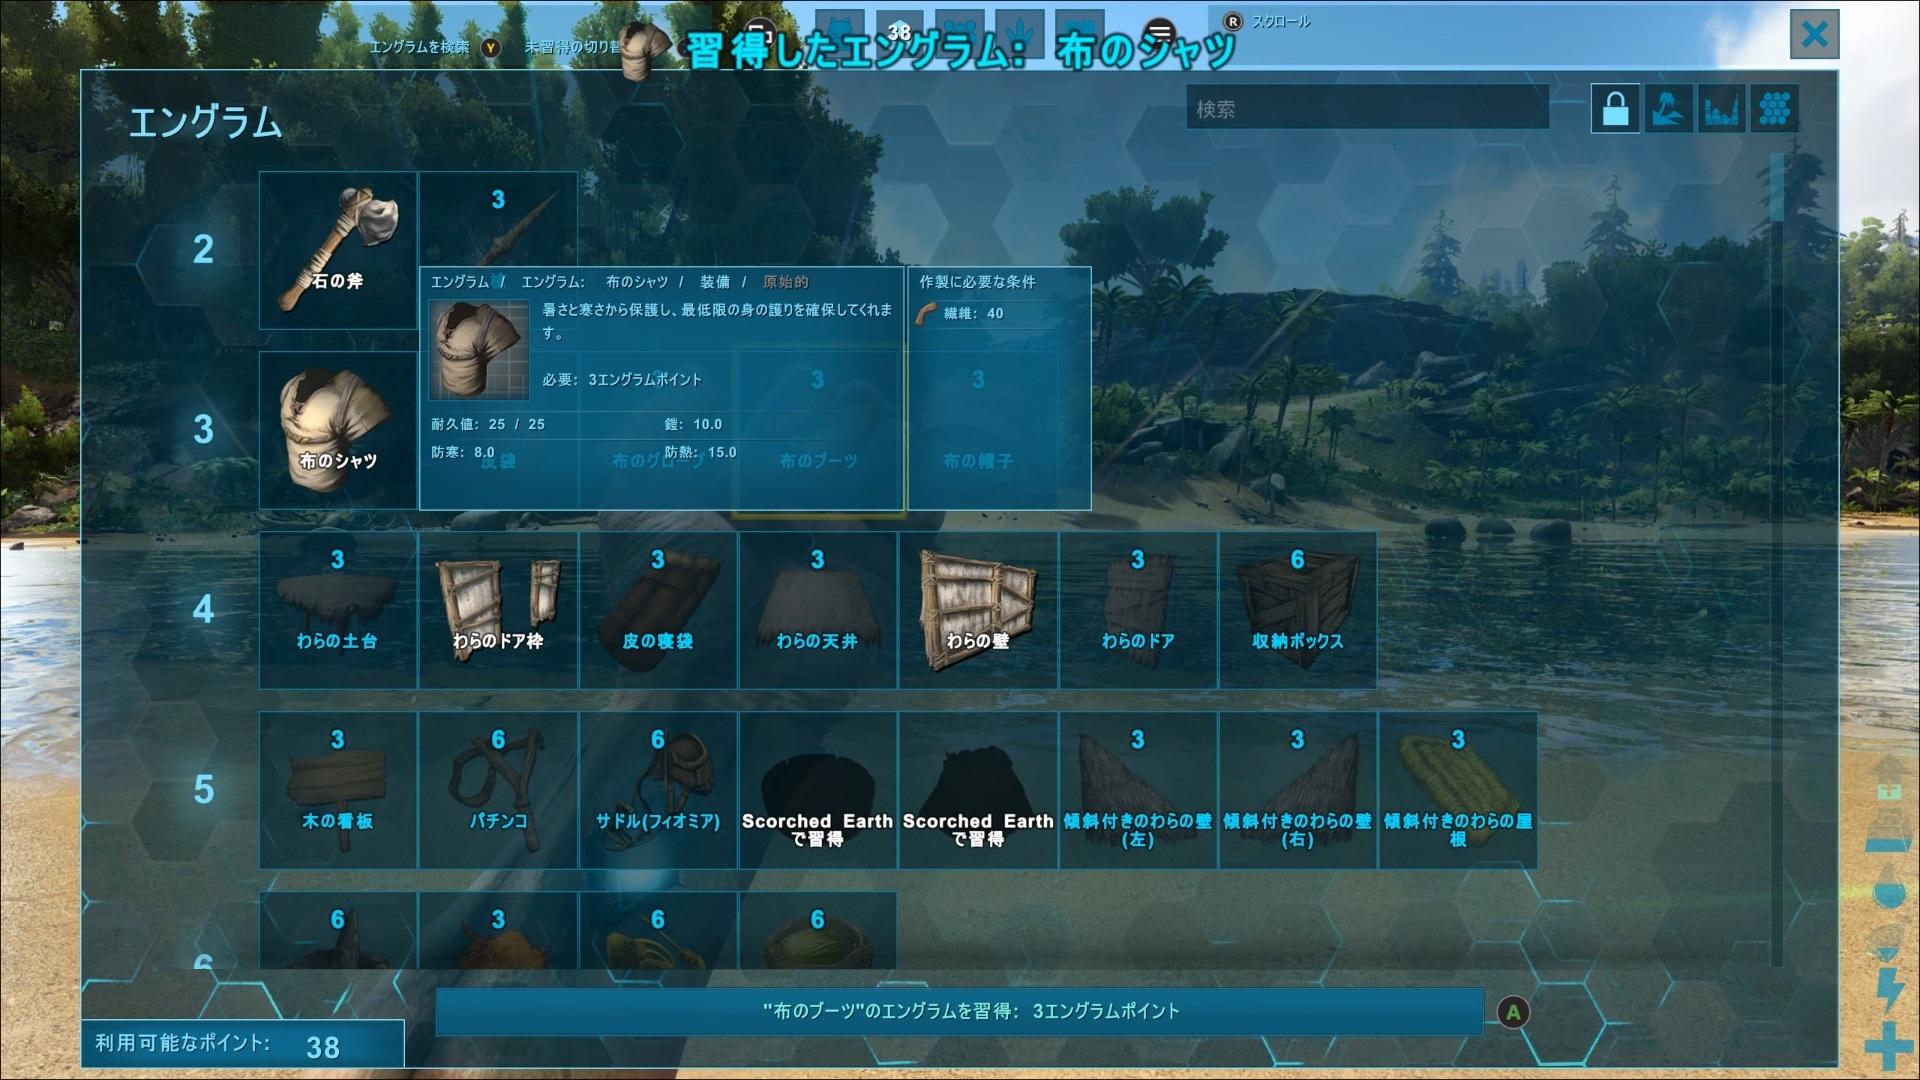 55bcddd3a55acc88438e59c6a41badbc - 【ARK Survival Evolved】序盤攻略【究極の恐竜時代を生き抜く!】